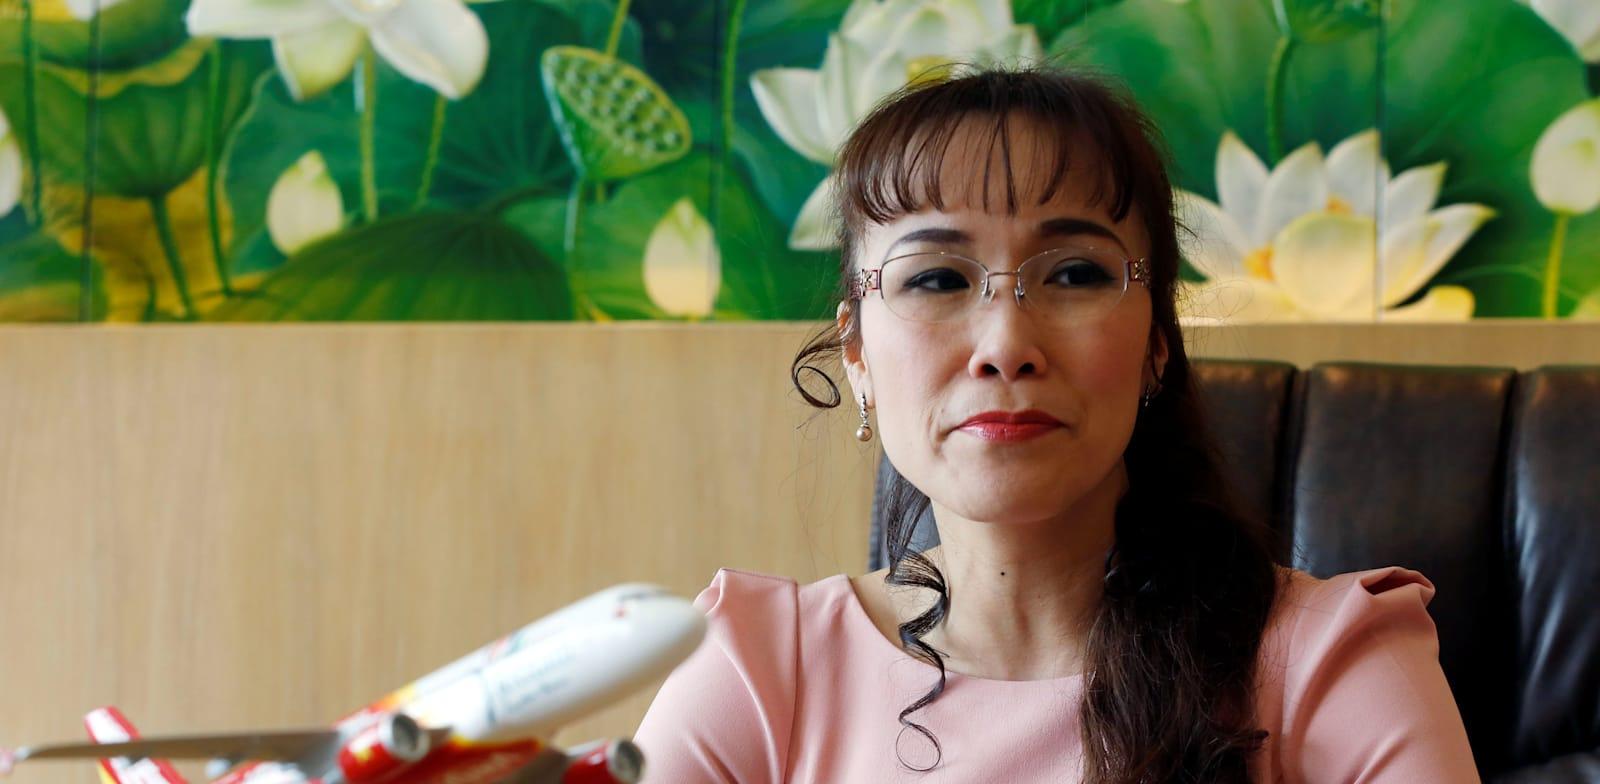 """מנכ""""לית VietJet, נגווין טי פונג ת'או. רווחיות גם בשנת הקורונה / צילום: Reuters, Kham"""